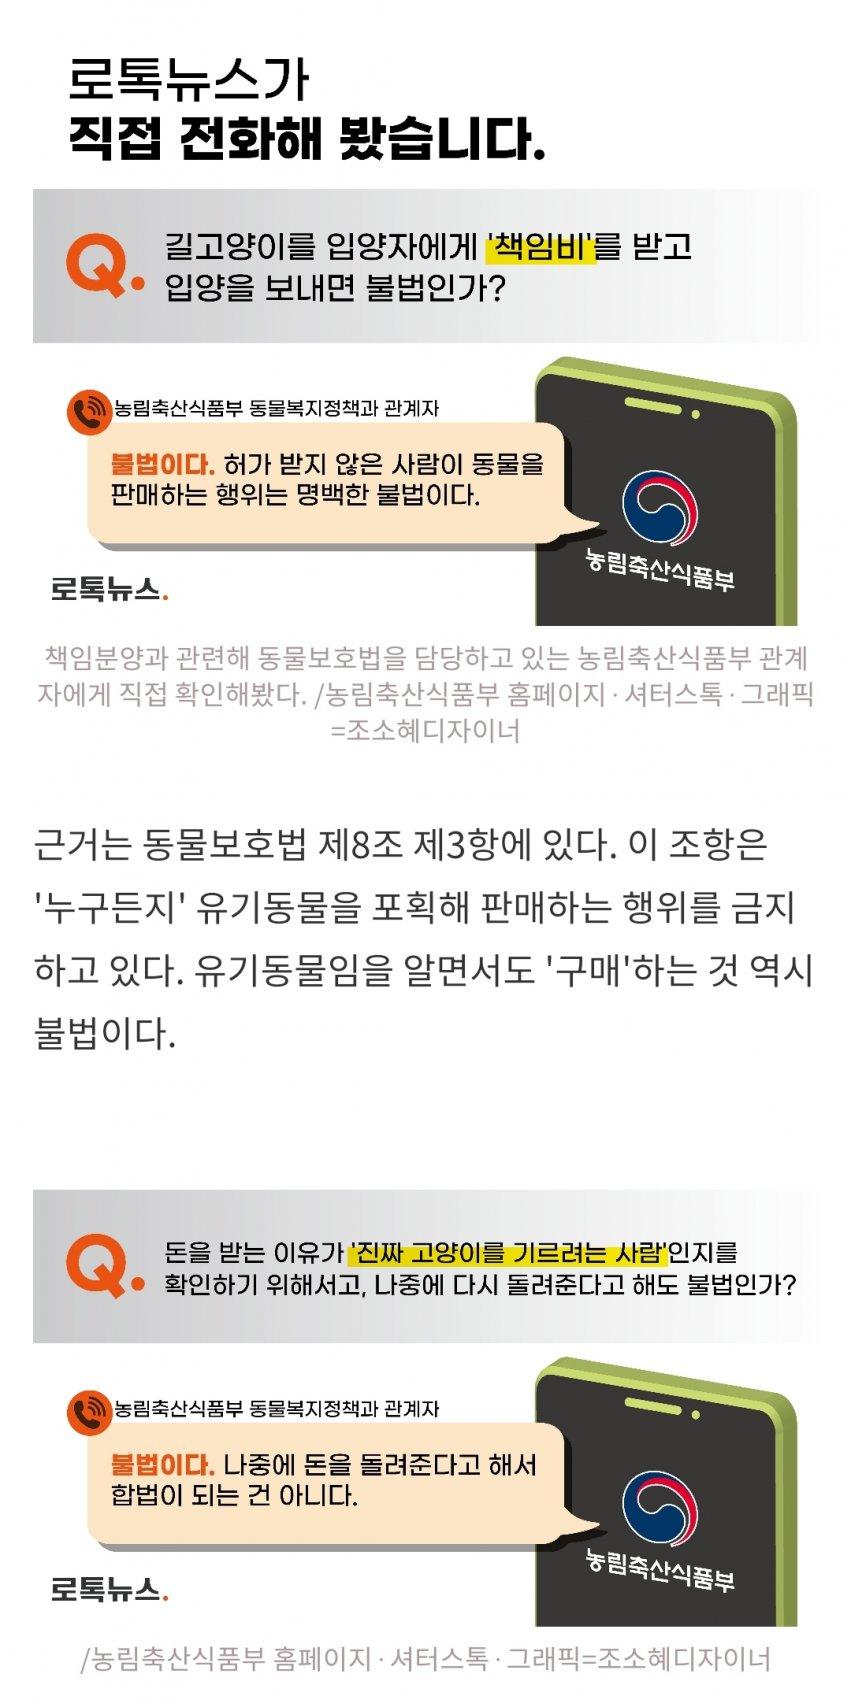 viewimage.php?id=2ebcc4&no=24b0d769e1d32ca73fec82fa11d028313f7ca0229f7ff0a914a04ad5fd5d9e1ddb46516da894e5d2994e874a6e0ee37b7f3a491b2322eb10db684f94d592